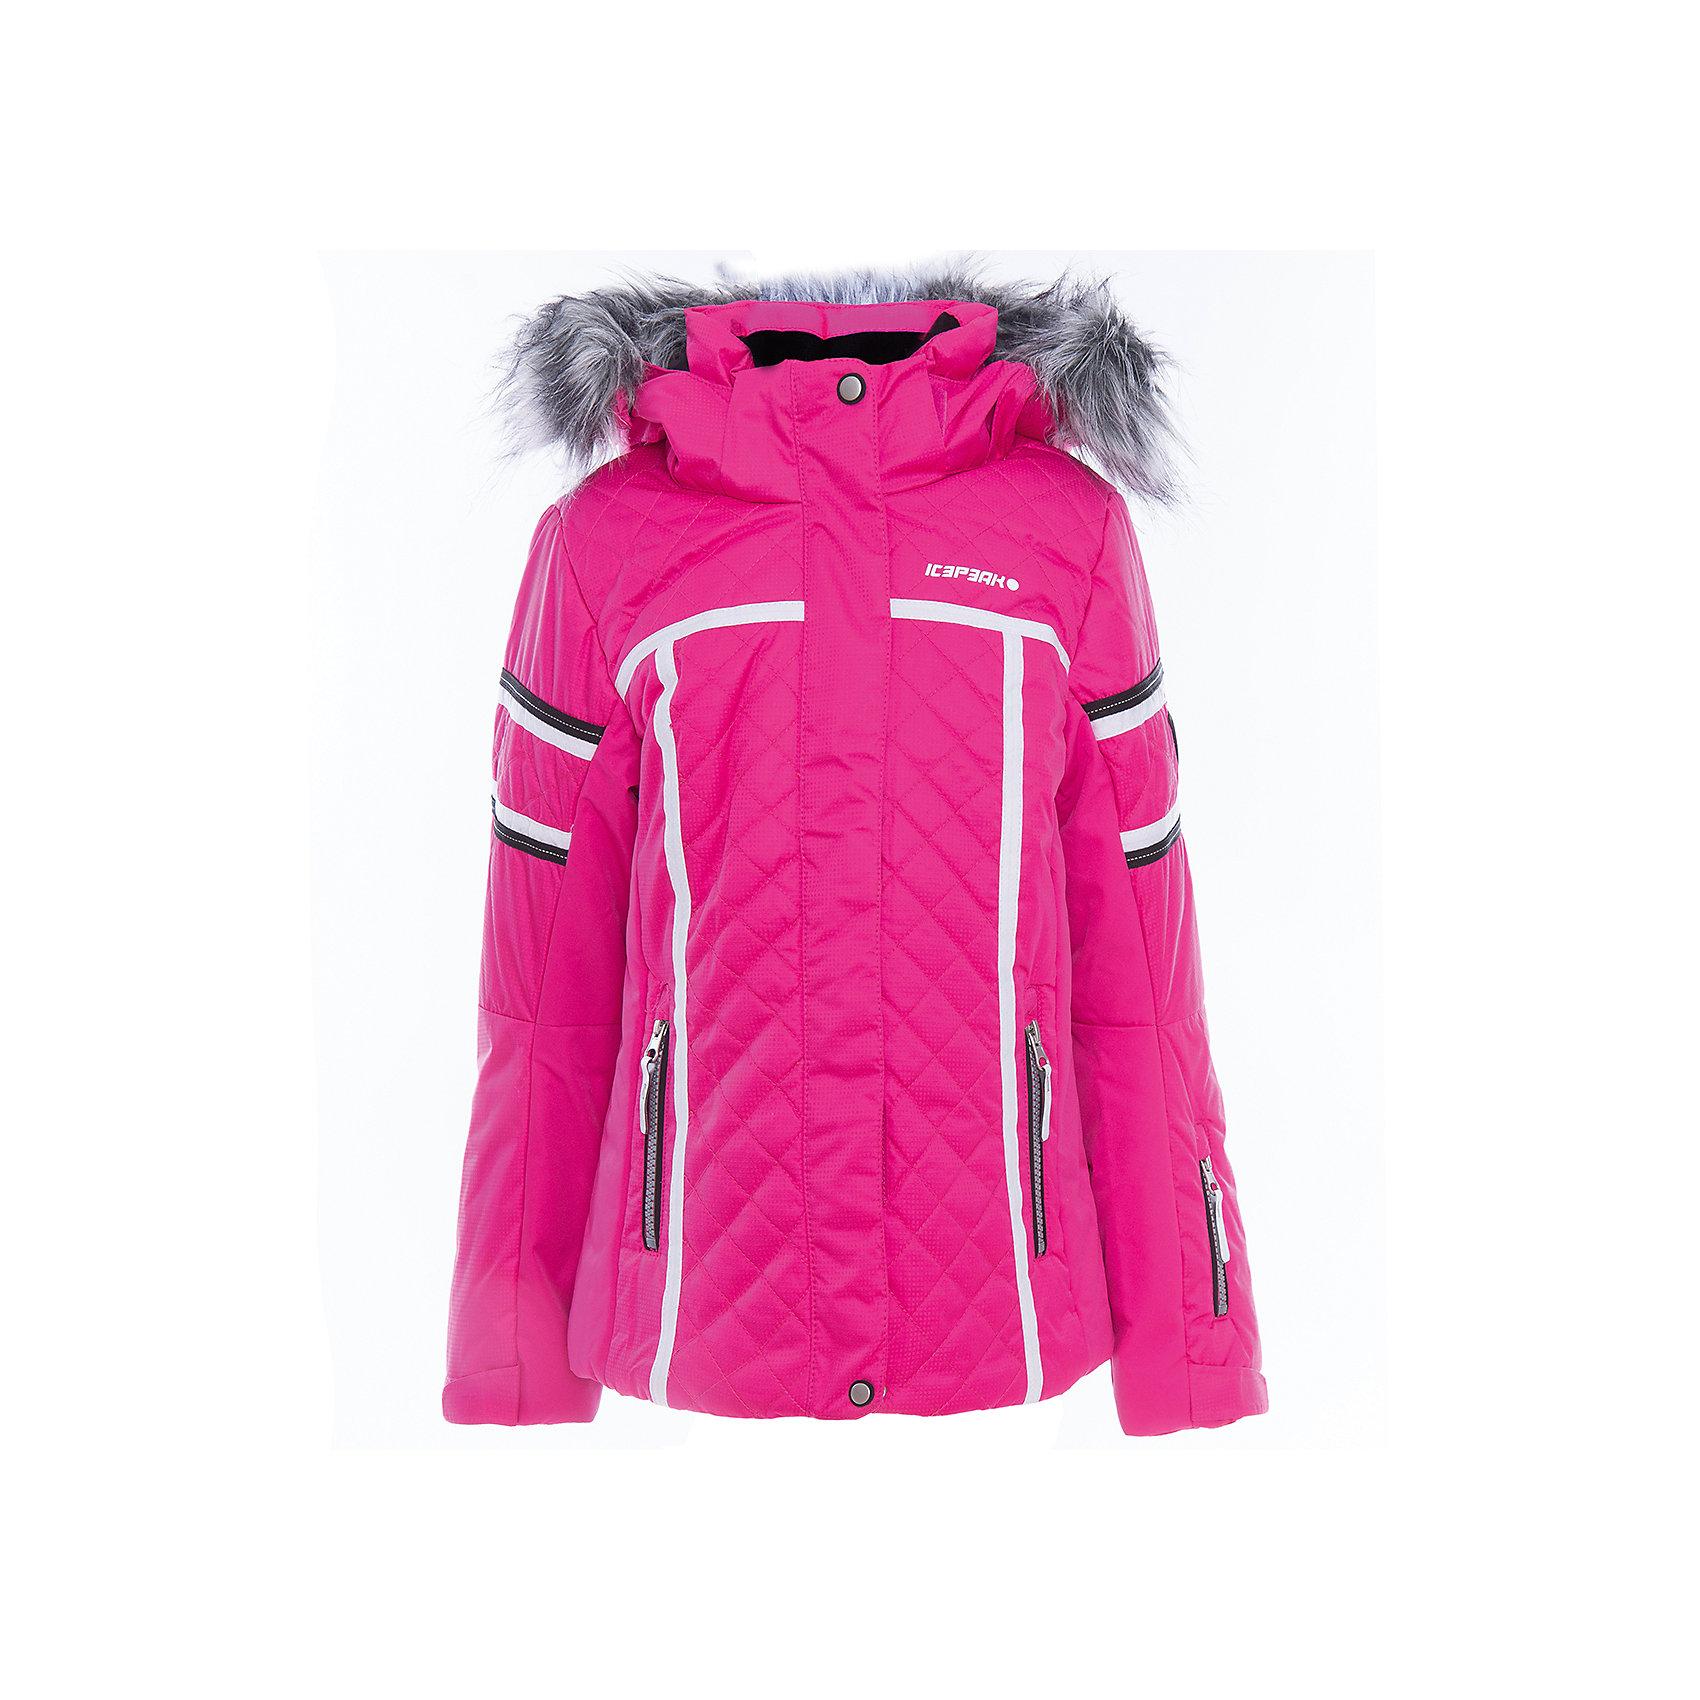 Куртка для девочки ICEPEAKОдежда<br>Куртка для девочки от известного бренда ICEPEAK.<br>Куртка с отстегивающимся капюшоном, капюшон с искусственным мехом, молния закрыта планкой, сформированный локоть, утяжка в нижней части куртки, снегозащитная юбка, внутренний трикотажный манжет на рукаве, утепленные и мягкие боковые карманы на молнии, мягкий и теплый внутренний воротник, карман для ski pass на рукаве, светоотражающие элементы, искусственный утеплитель Finnwad, утепление 220/200 гр., рекомендуемый температурный режим до -30 град.<br>Состав:<br>100% полиэстер<br><br>Ширина мм: 356<br>Глубина мм: 10<br>Высота мм: 245<br>Вес г: 519<br>Цвет: розовый<br>Возраст от месяцев: 180<br>Возраст до месяцев: 192<br>Пол: Женский<br>Возраст: Детский<br>Размер: 176,128,140,152,164<br>SKU: 5414003